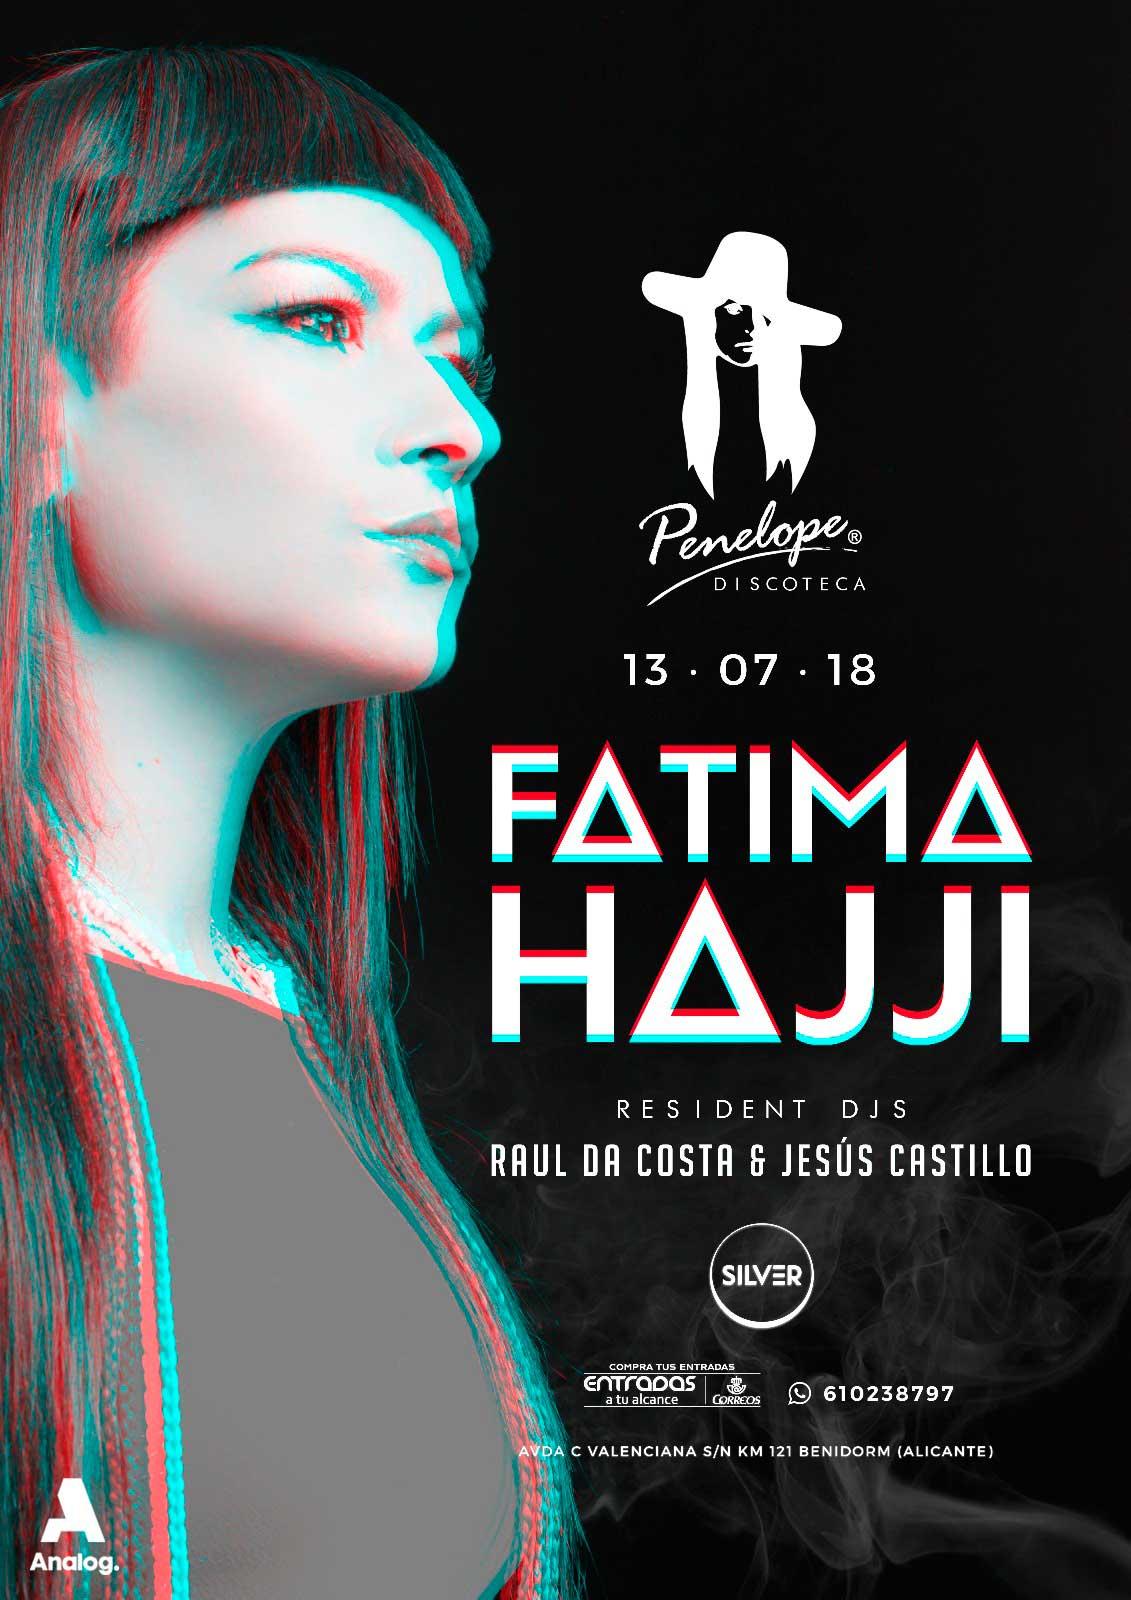 fatima-hajji-5b34caee40a51.jpeg